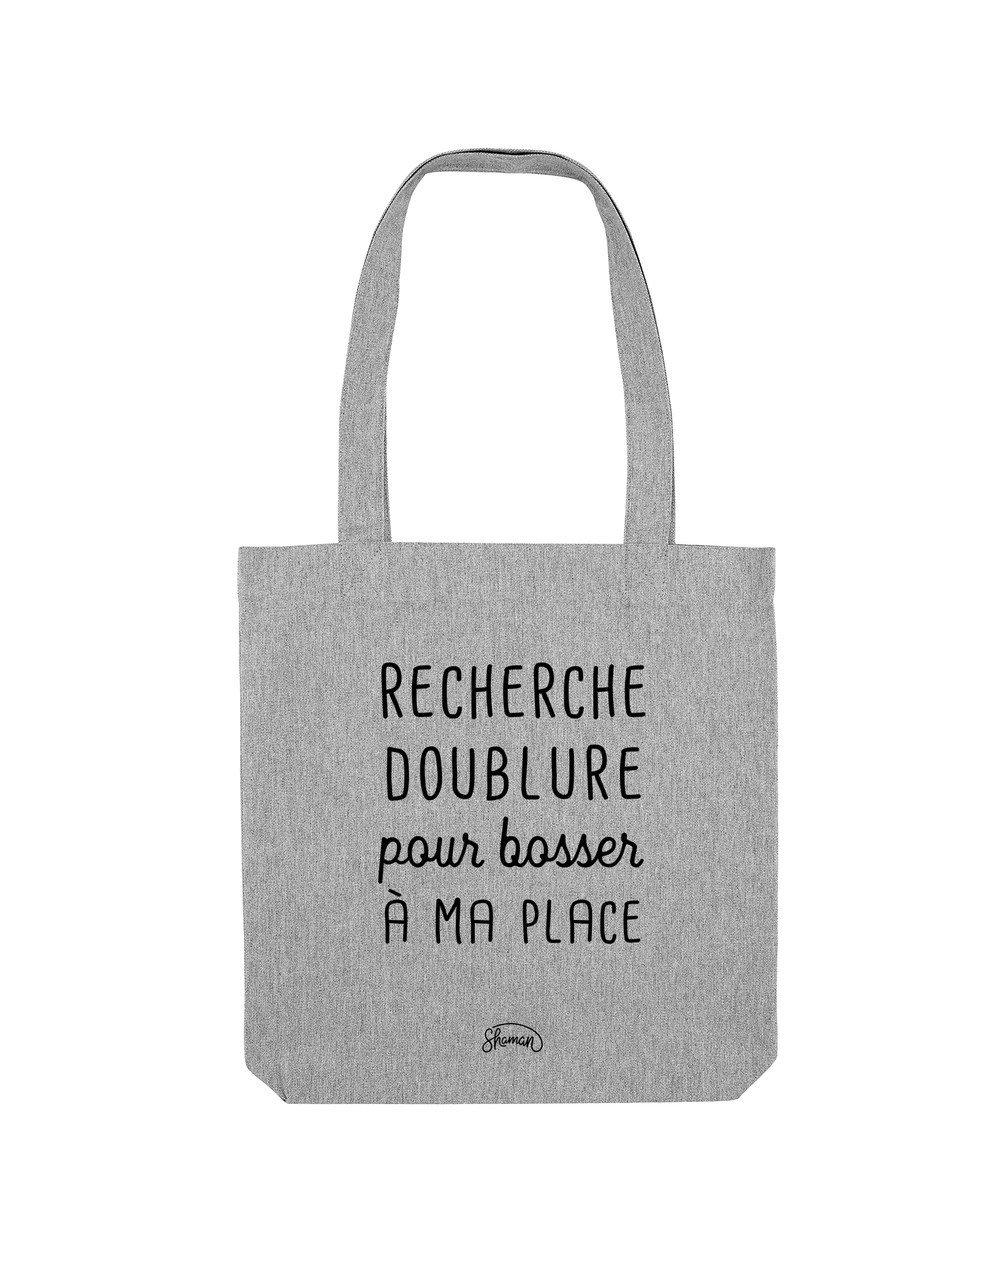 RECHERCHE DOUBLURE - Tote Bag  Gris chiné  en coton